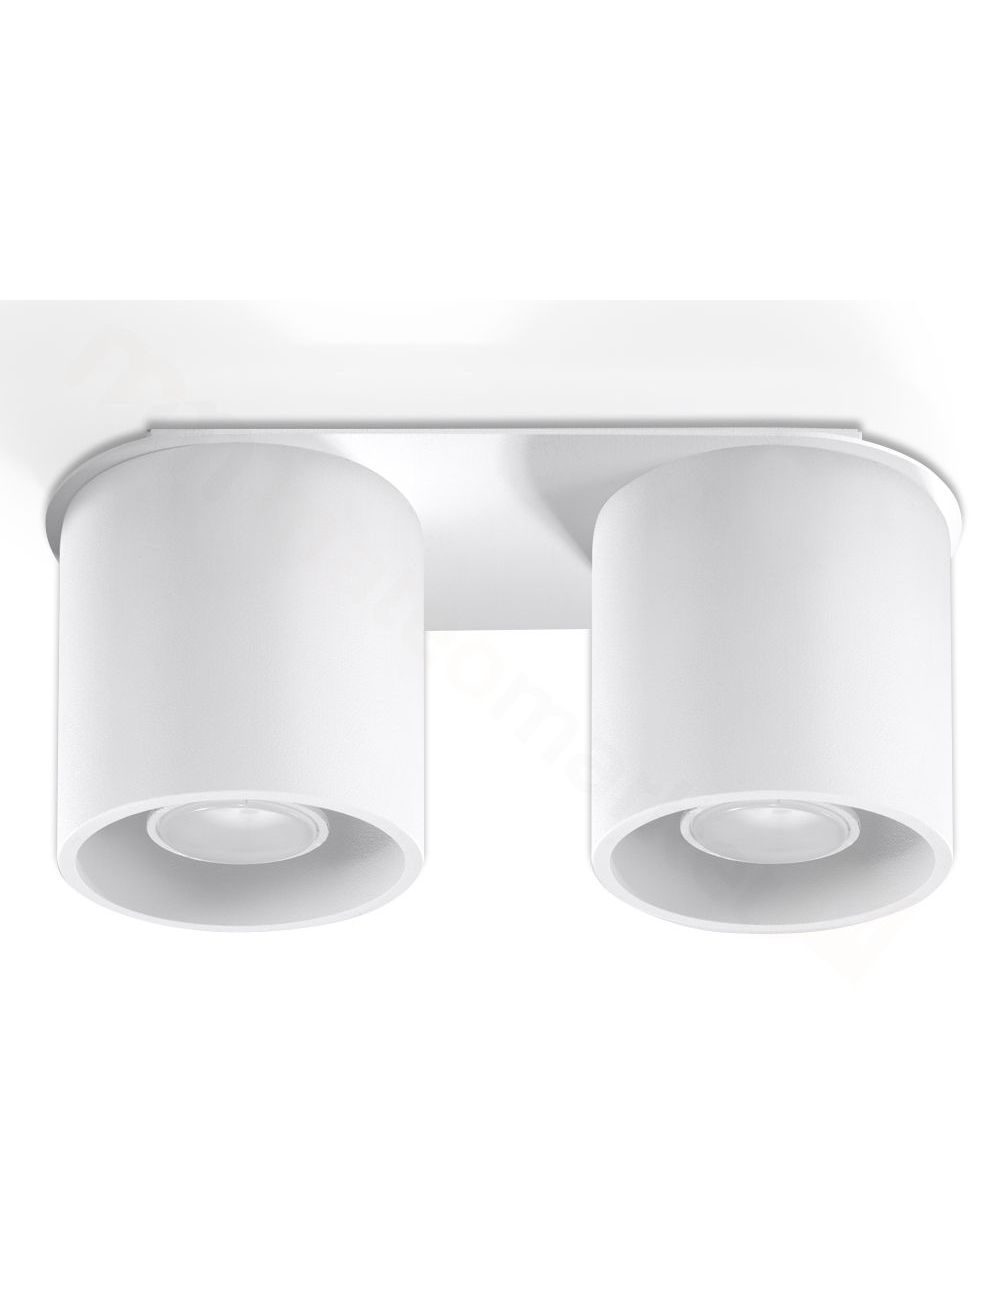 Lampa plafon sufitowy podwójny metalowy owal biały Orbis Sollux SL.0056